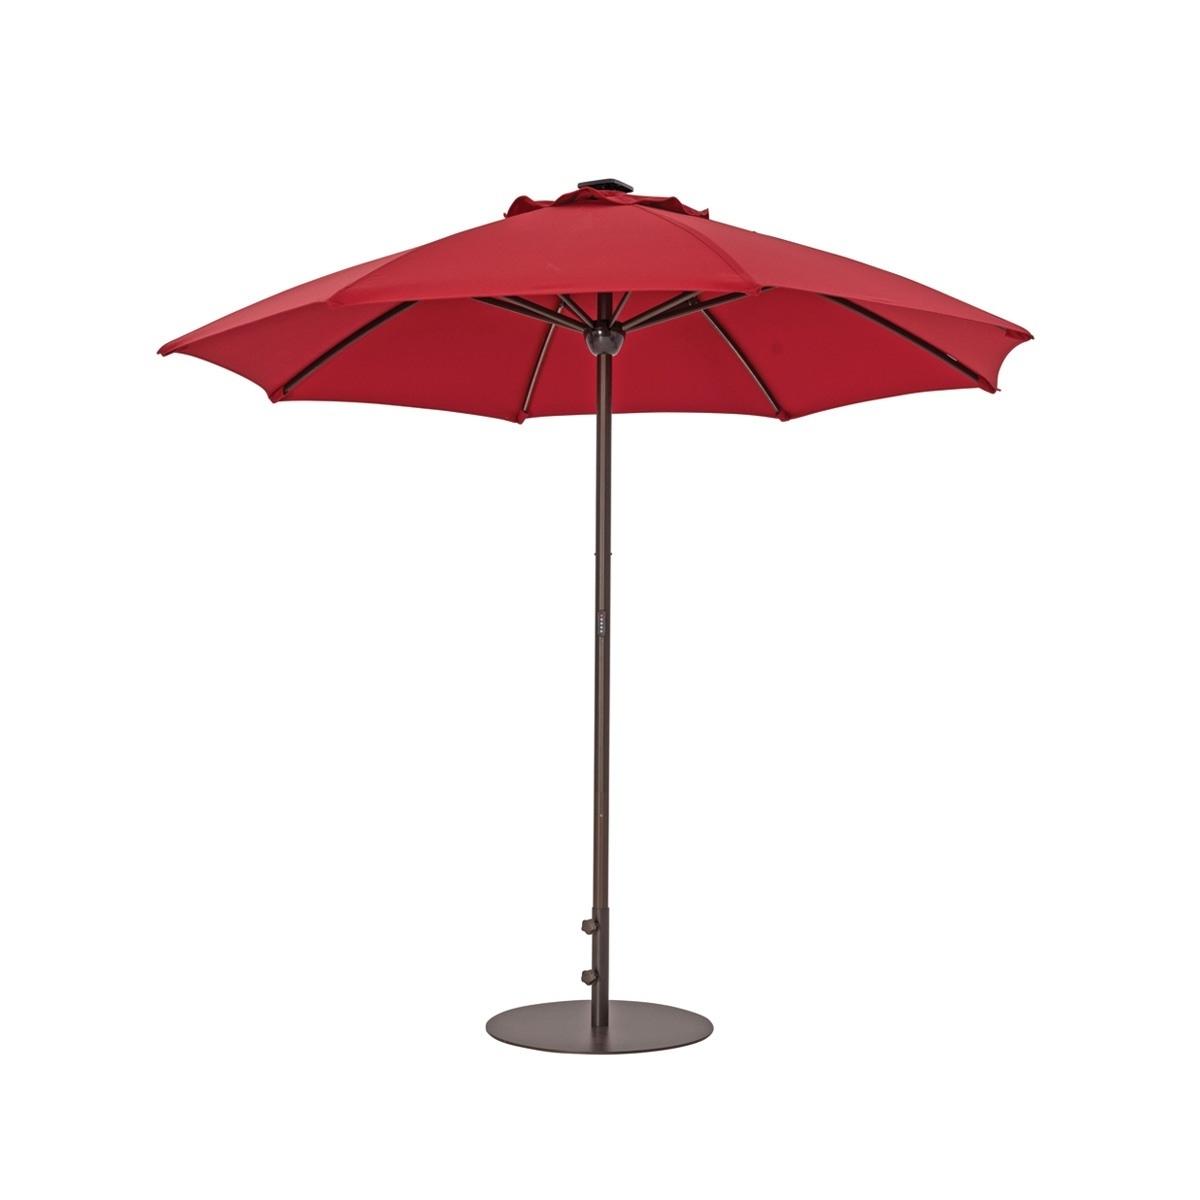 Current Sunbrella Patio Umbrellas With Solar Lights With Patio Umbrellas With Solar Lights (View 13 of 20)